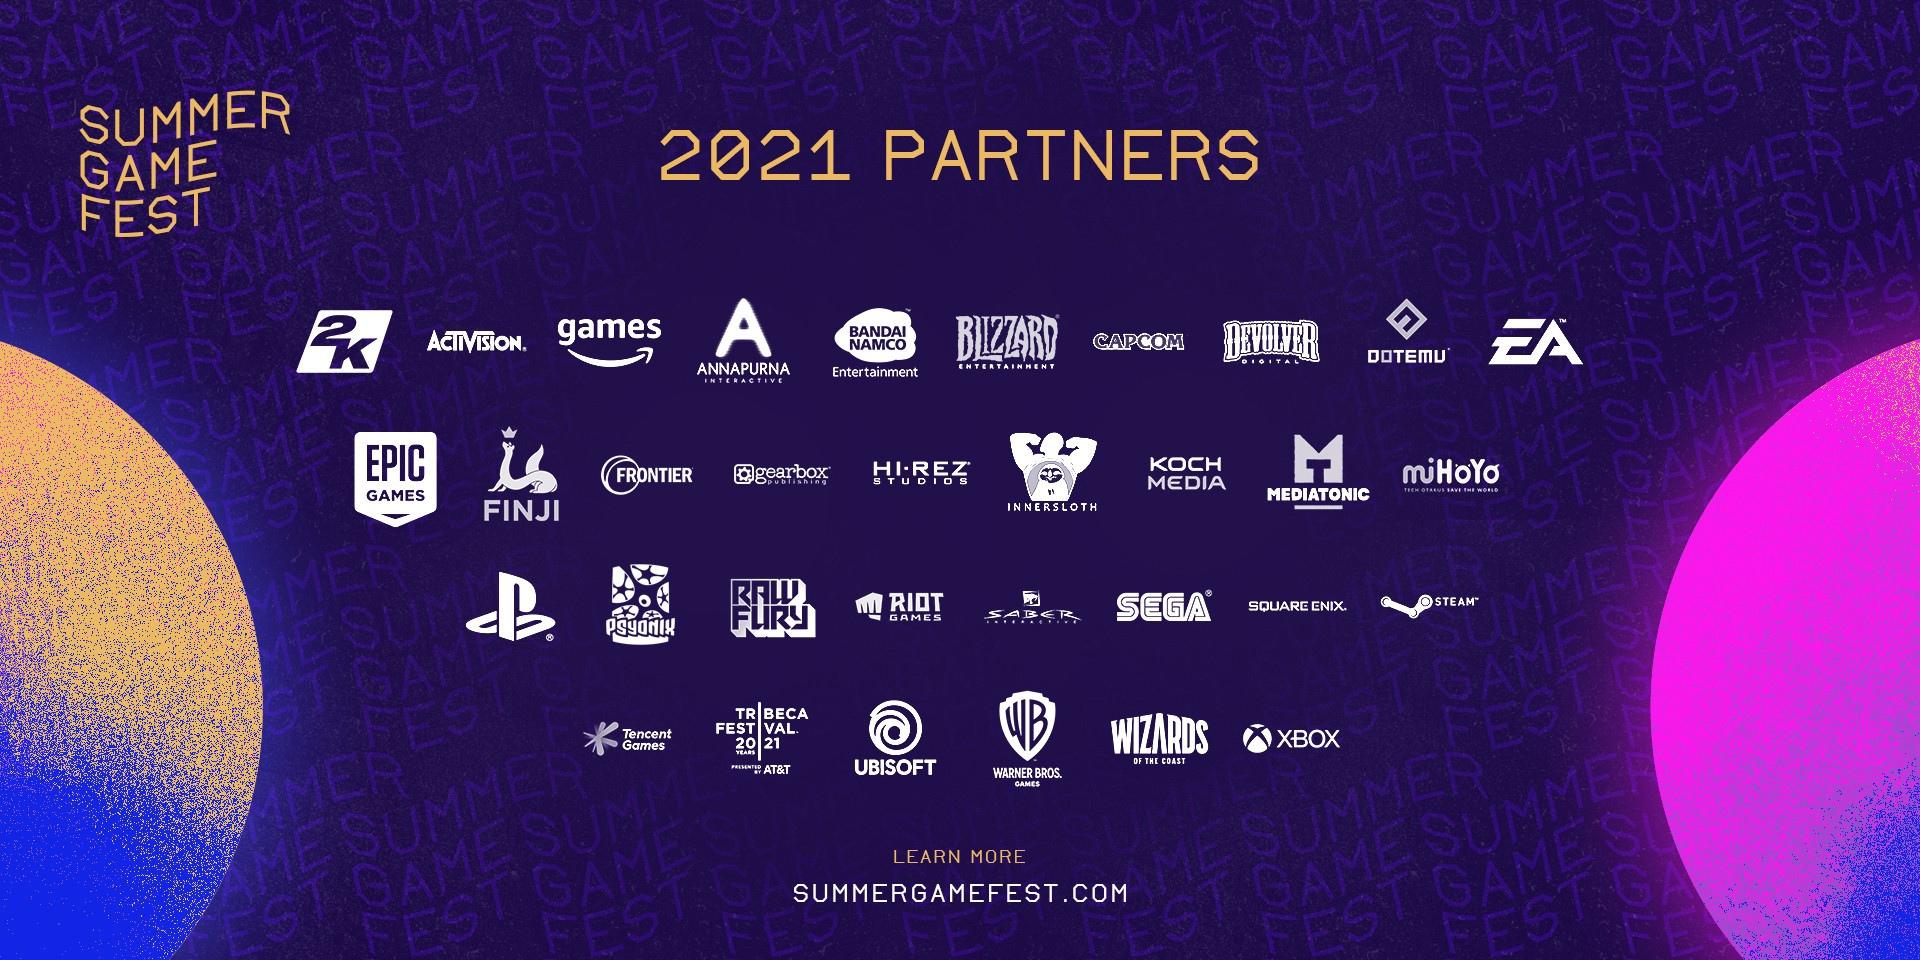 В этом году игровое мероприятие с анонсами с показами игр Summer Game Fest начнётся 10 июня